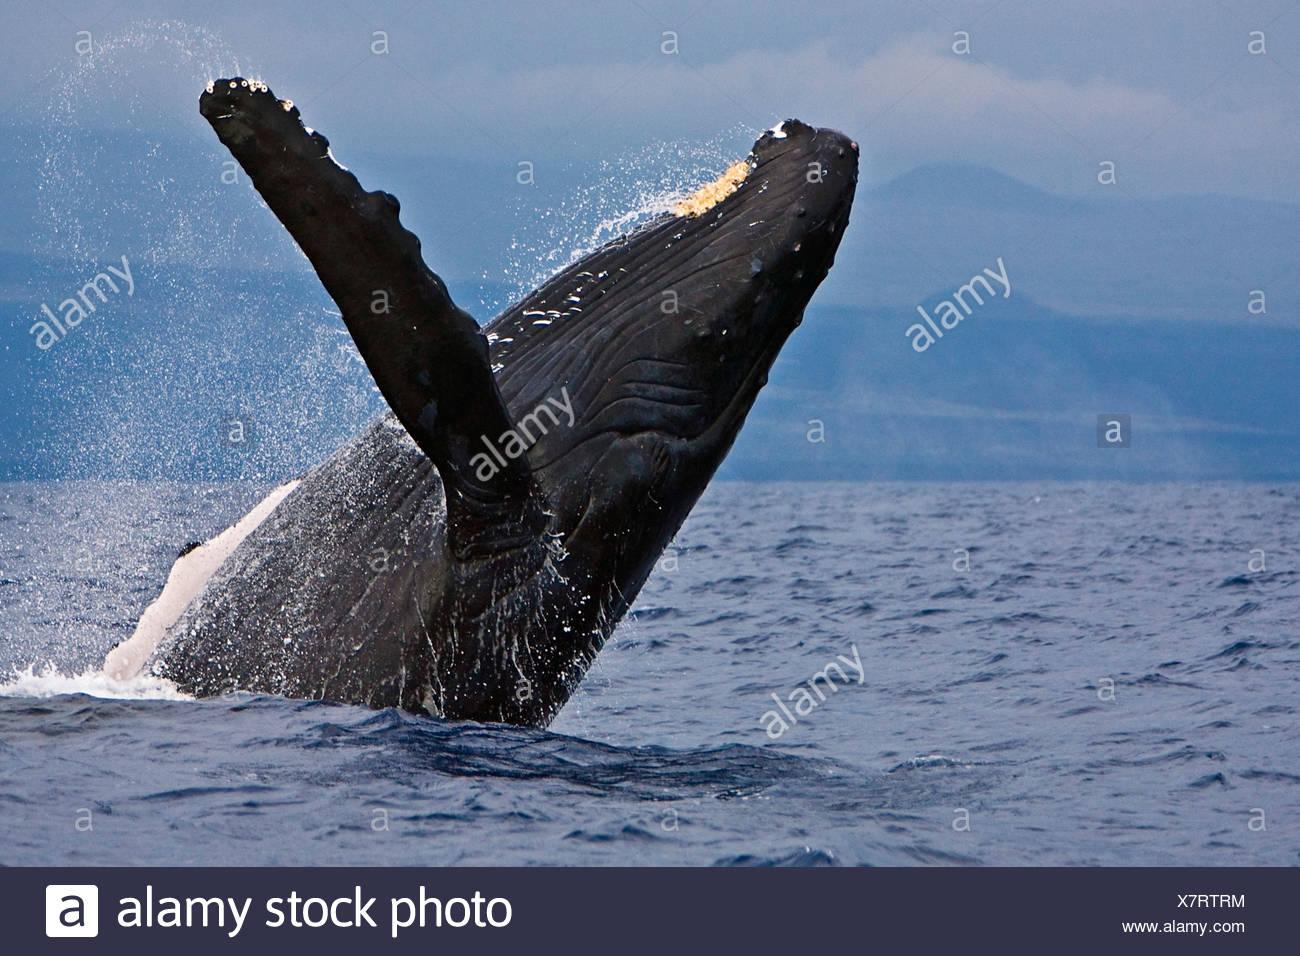 Humpback Whale, Megaptera novaeangliae - Stock Image